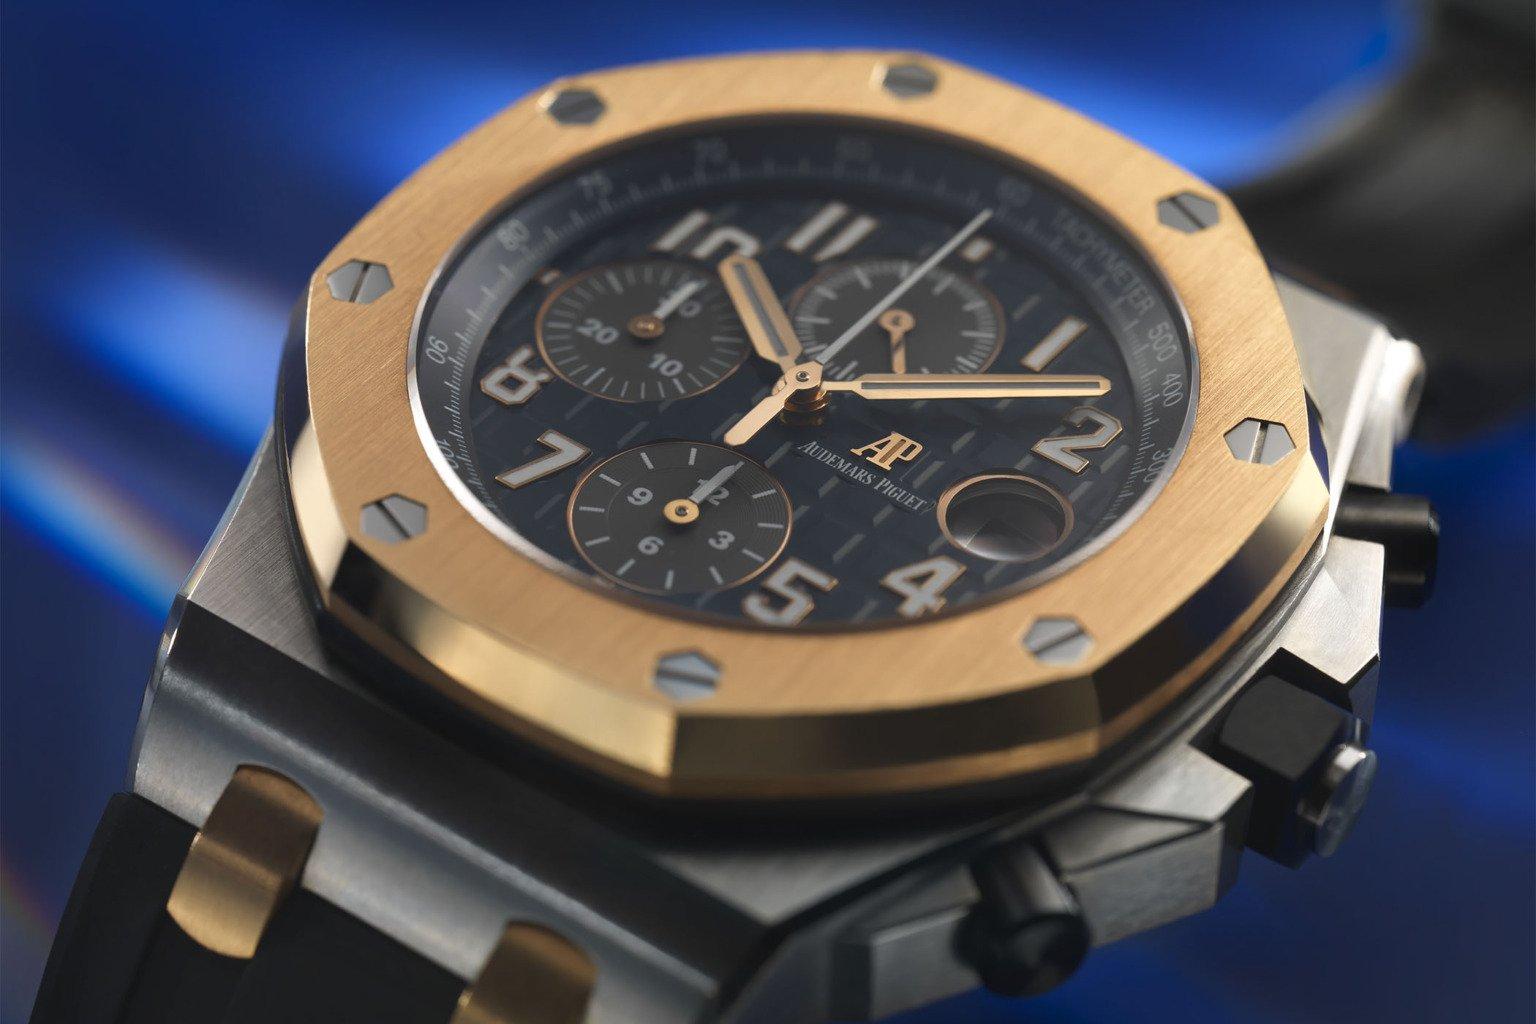 הלוח בגוון הכחול המזוהה עם בוכרר. מקור - Monochrome Watches.